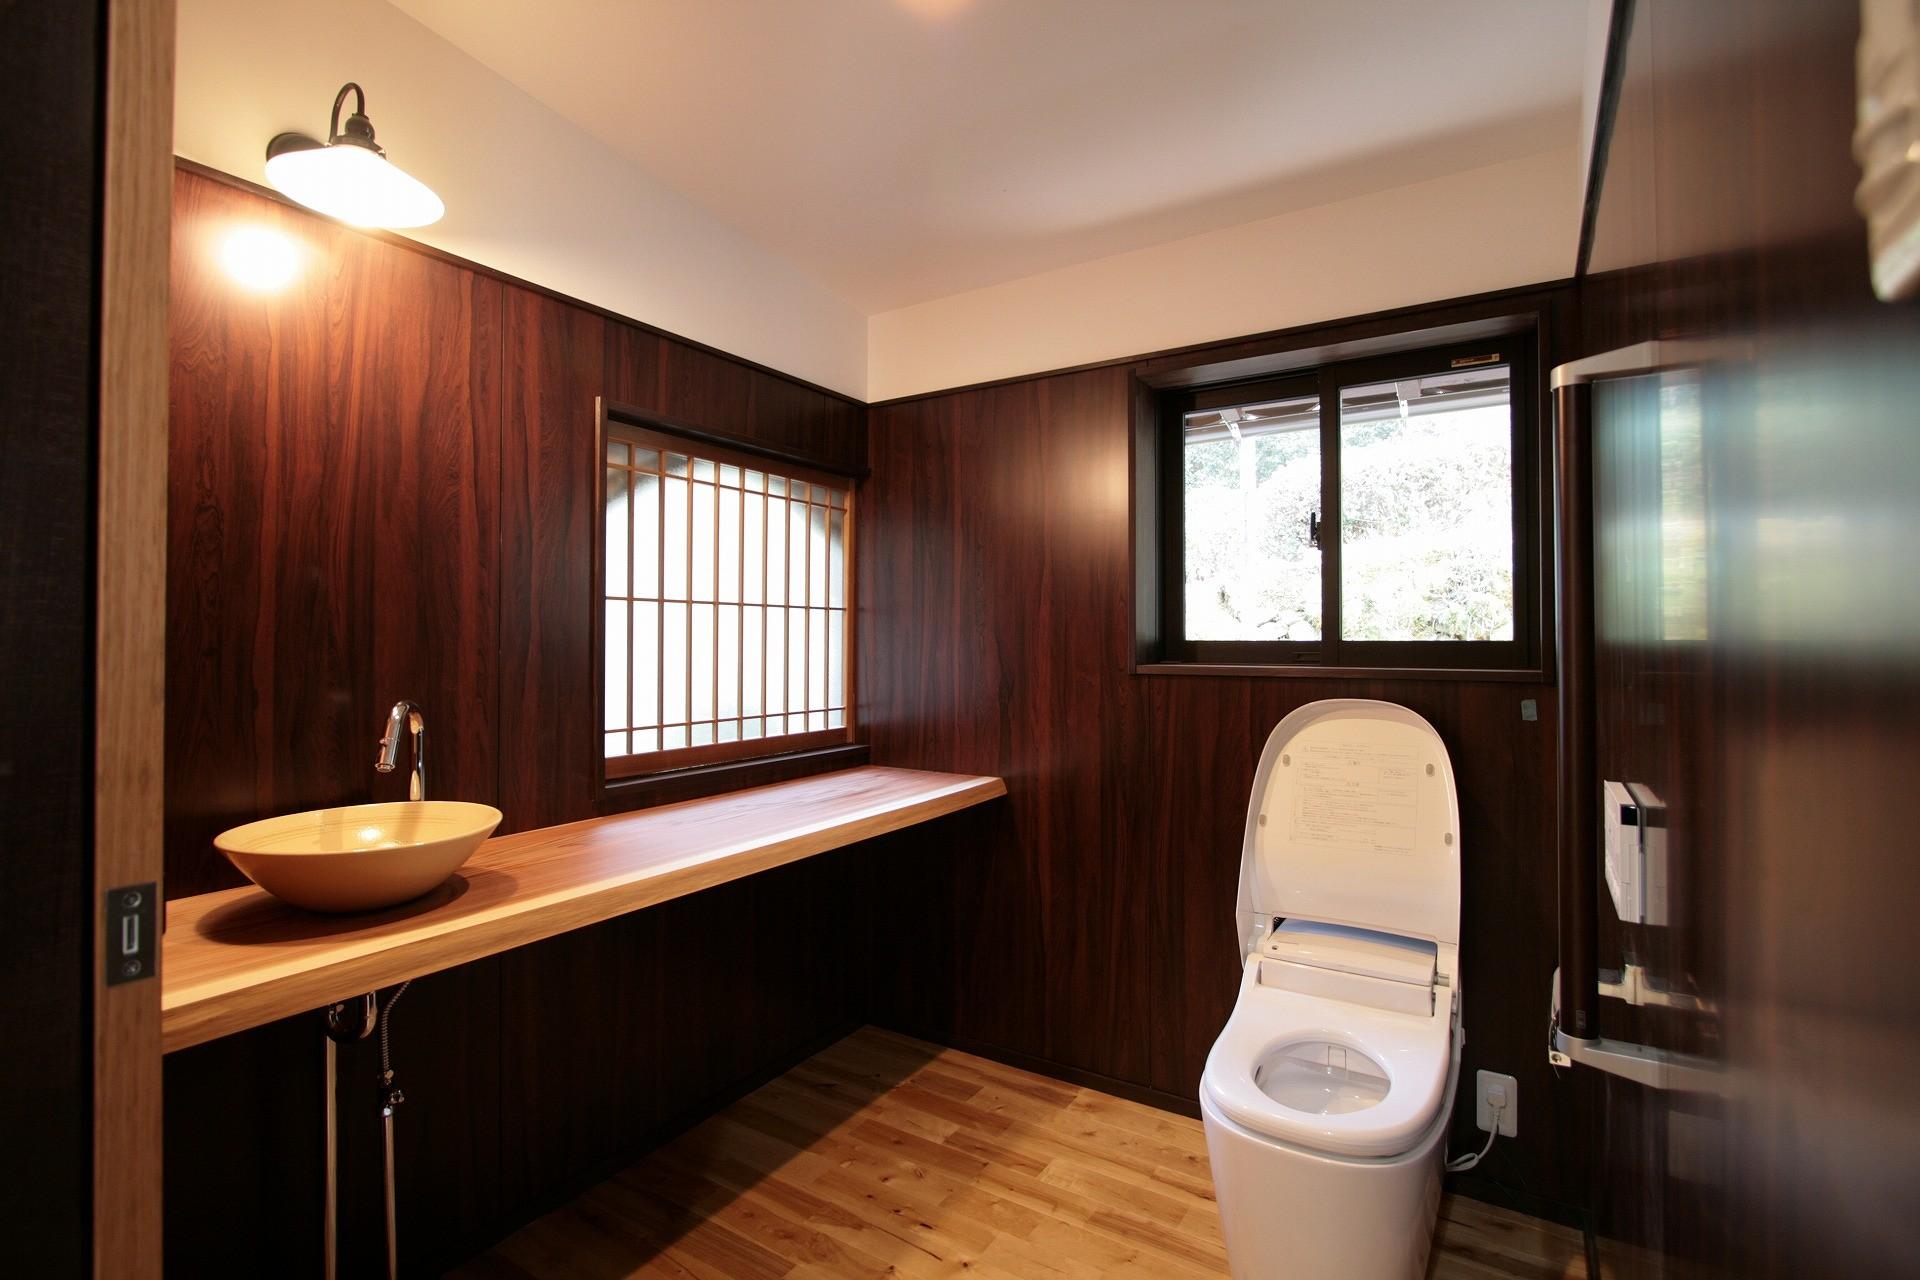 バス/トイレ事例:トイレ(江戸時代末期の古民家再生)